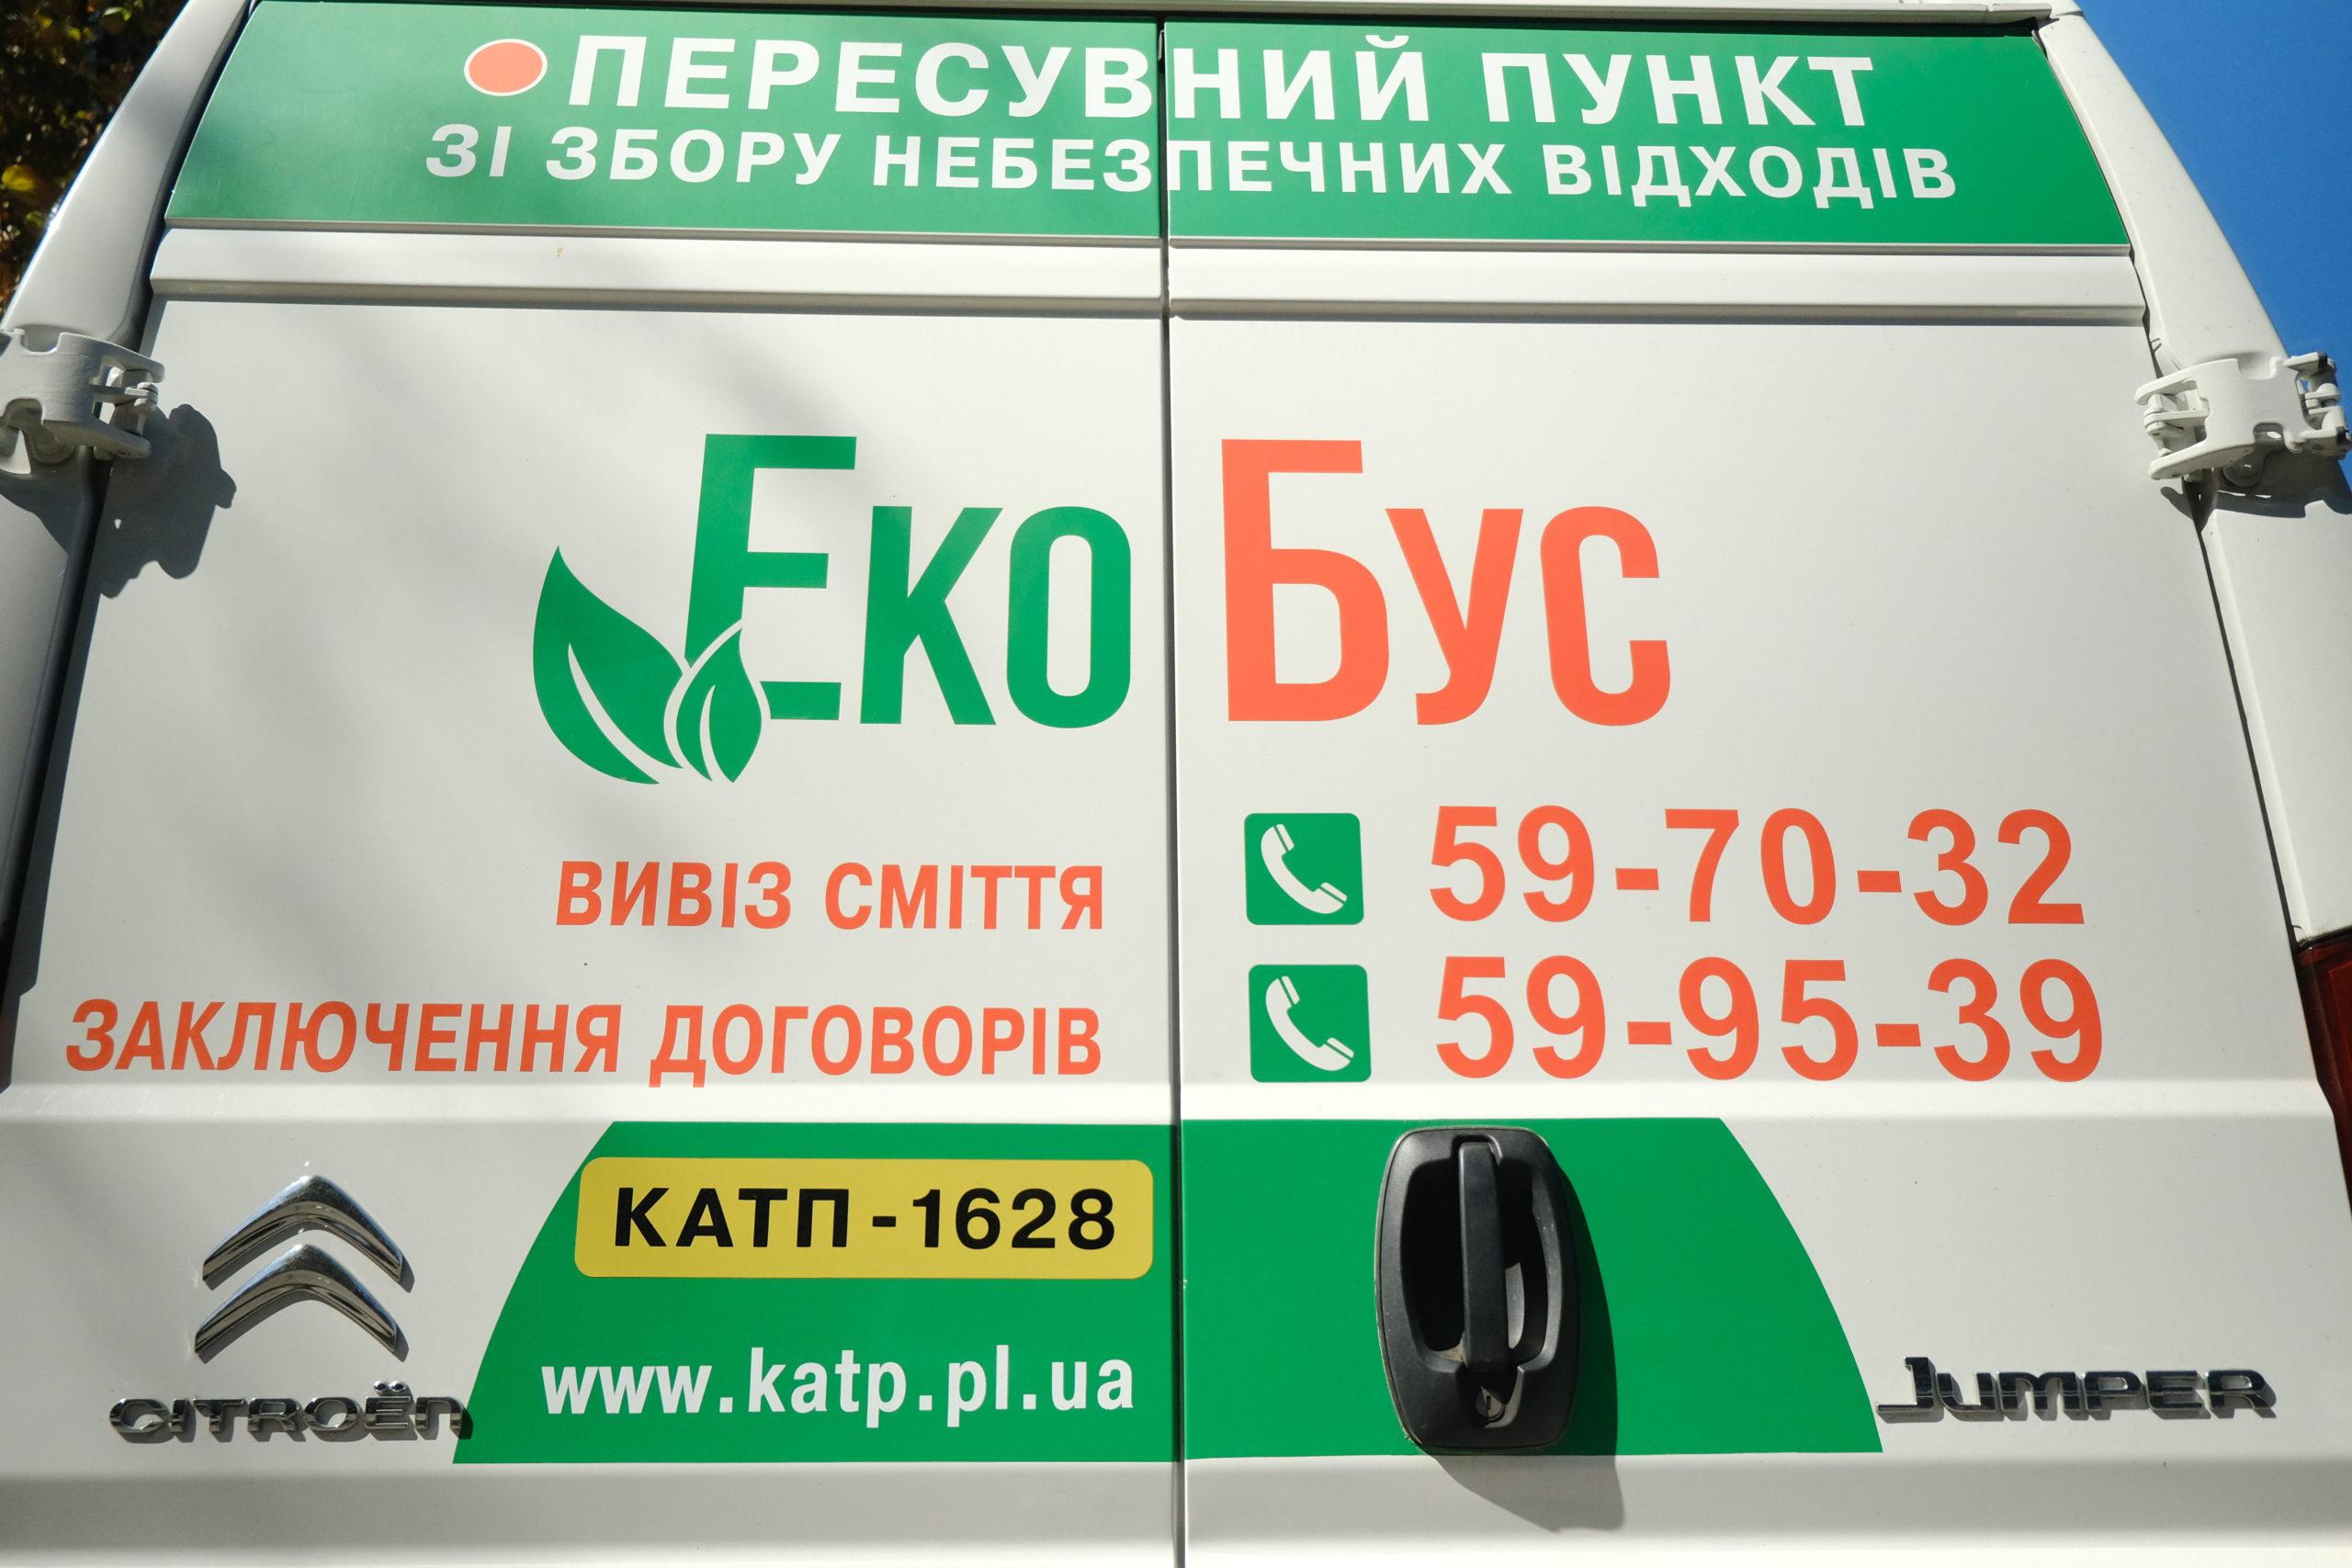 Екобус Полтава